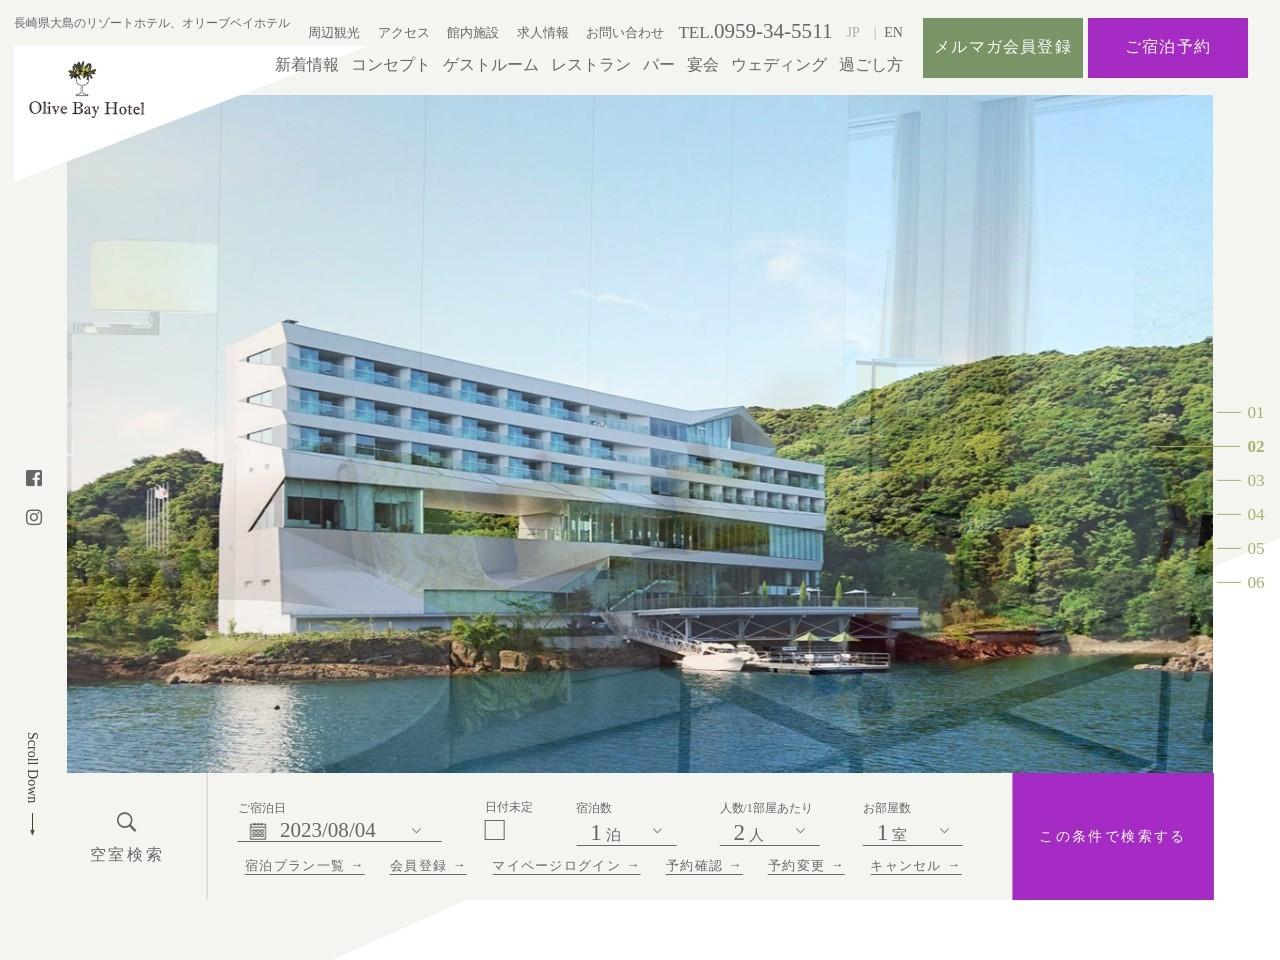 オリーブベイホテル 公式サイト|長崎県大島のスモールラグジュアリーホテル